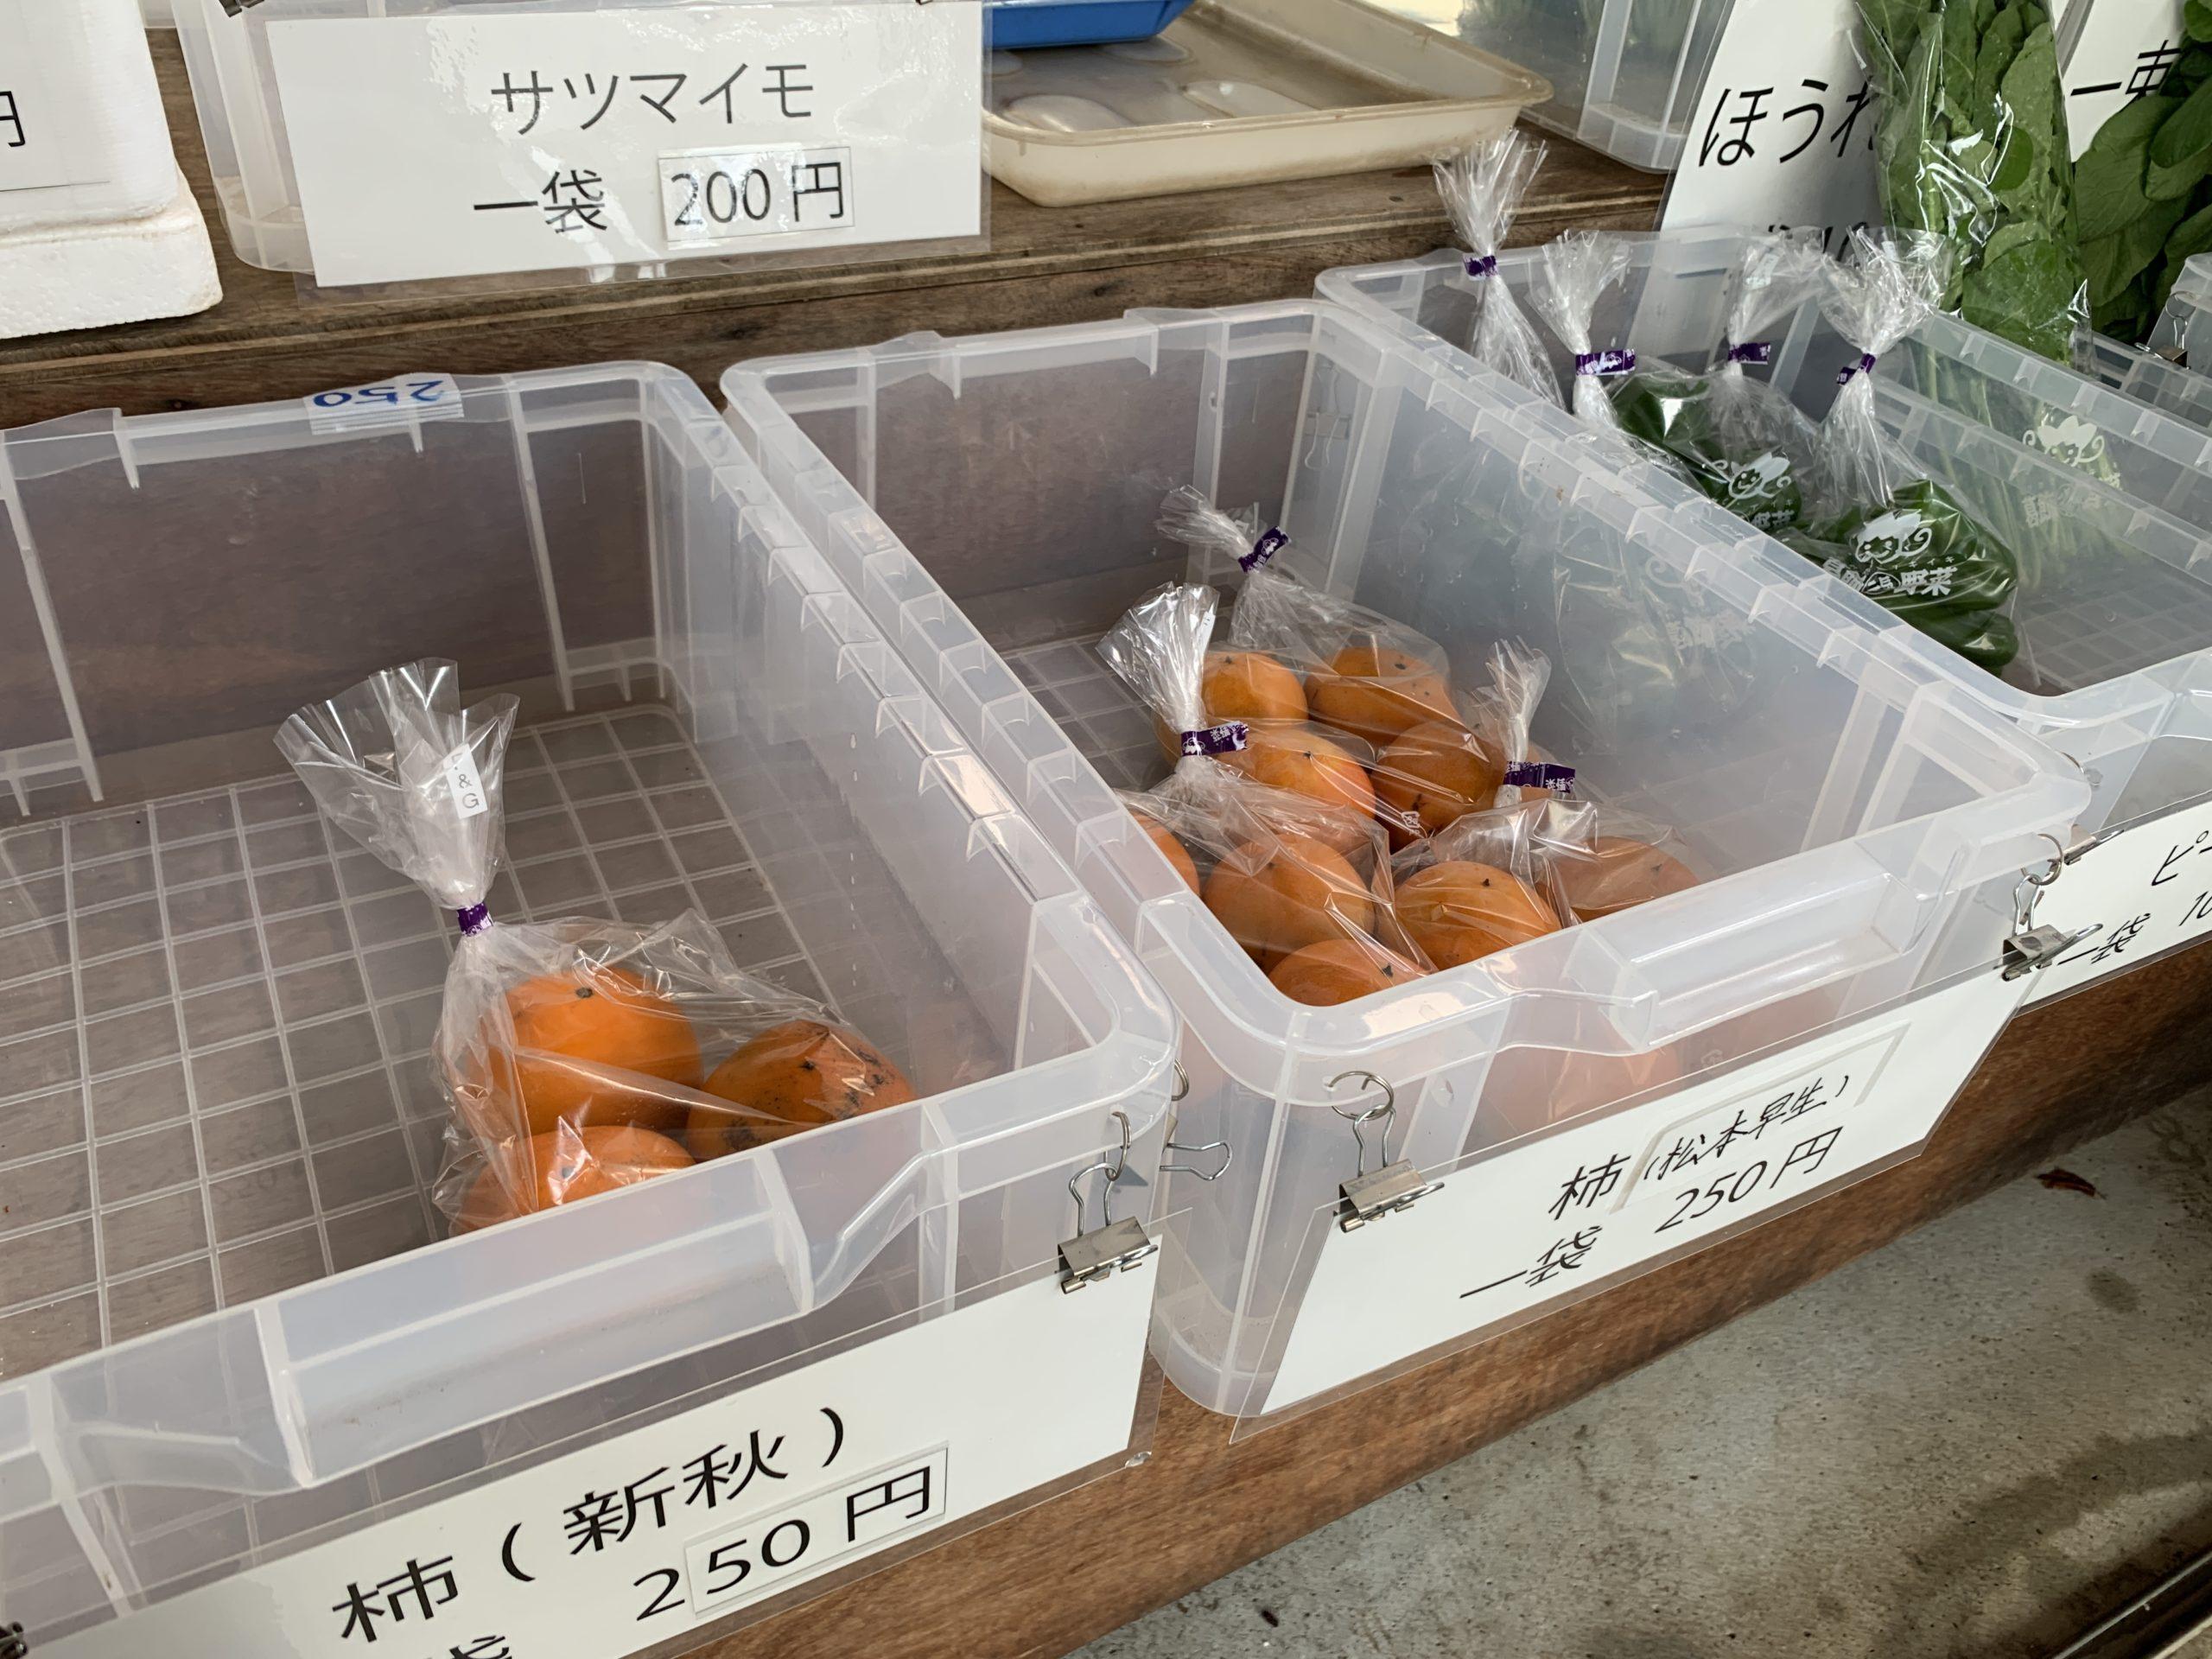 ブルーベリー狩り関東東京シバブル